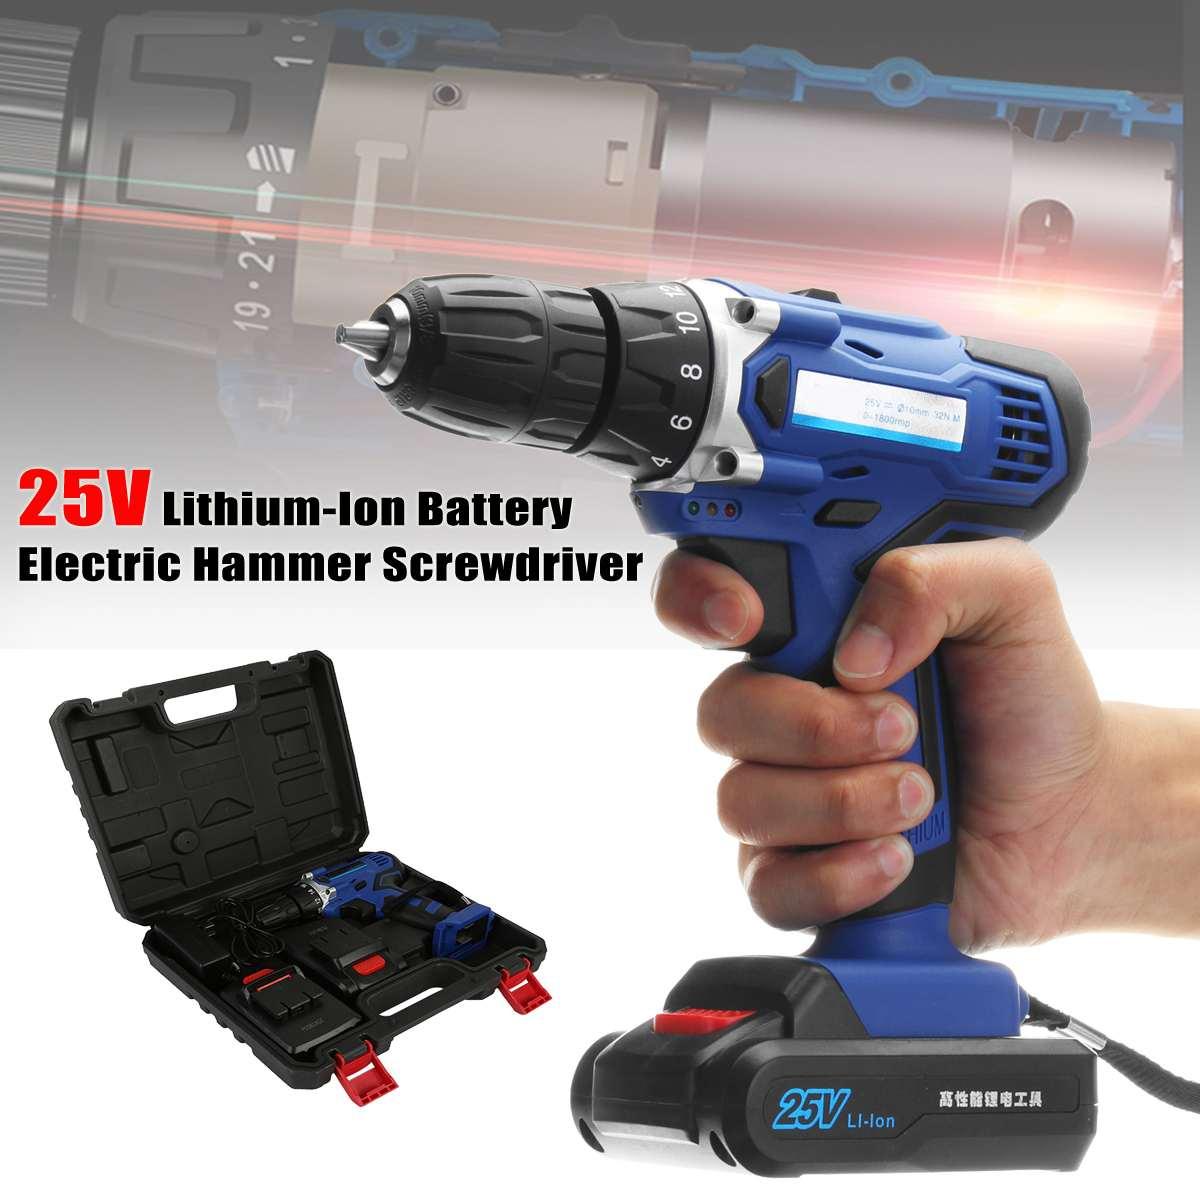 Perceuse sans fil Rechargeable marteau visseuse électrique 25 V Lithium-Ion tournevis électrique avec 2 Batteries 1 chargeur